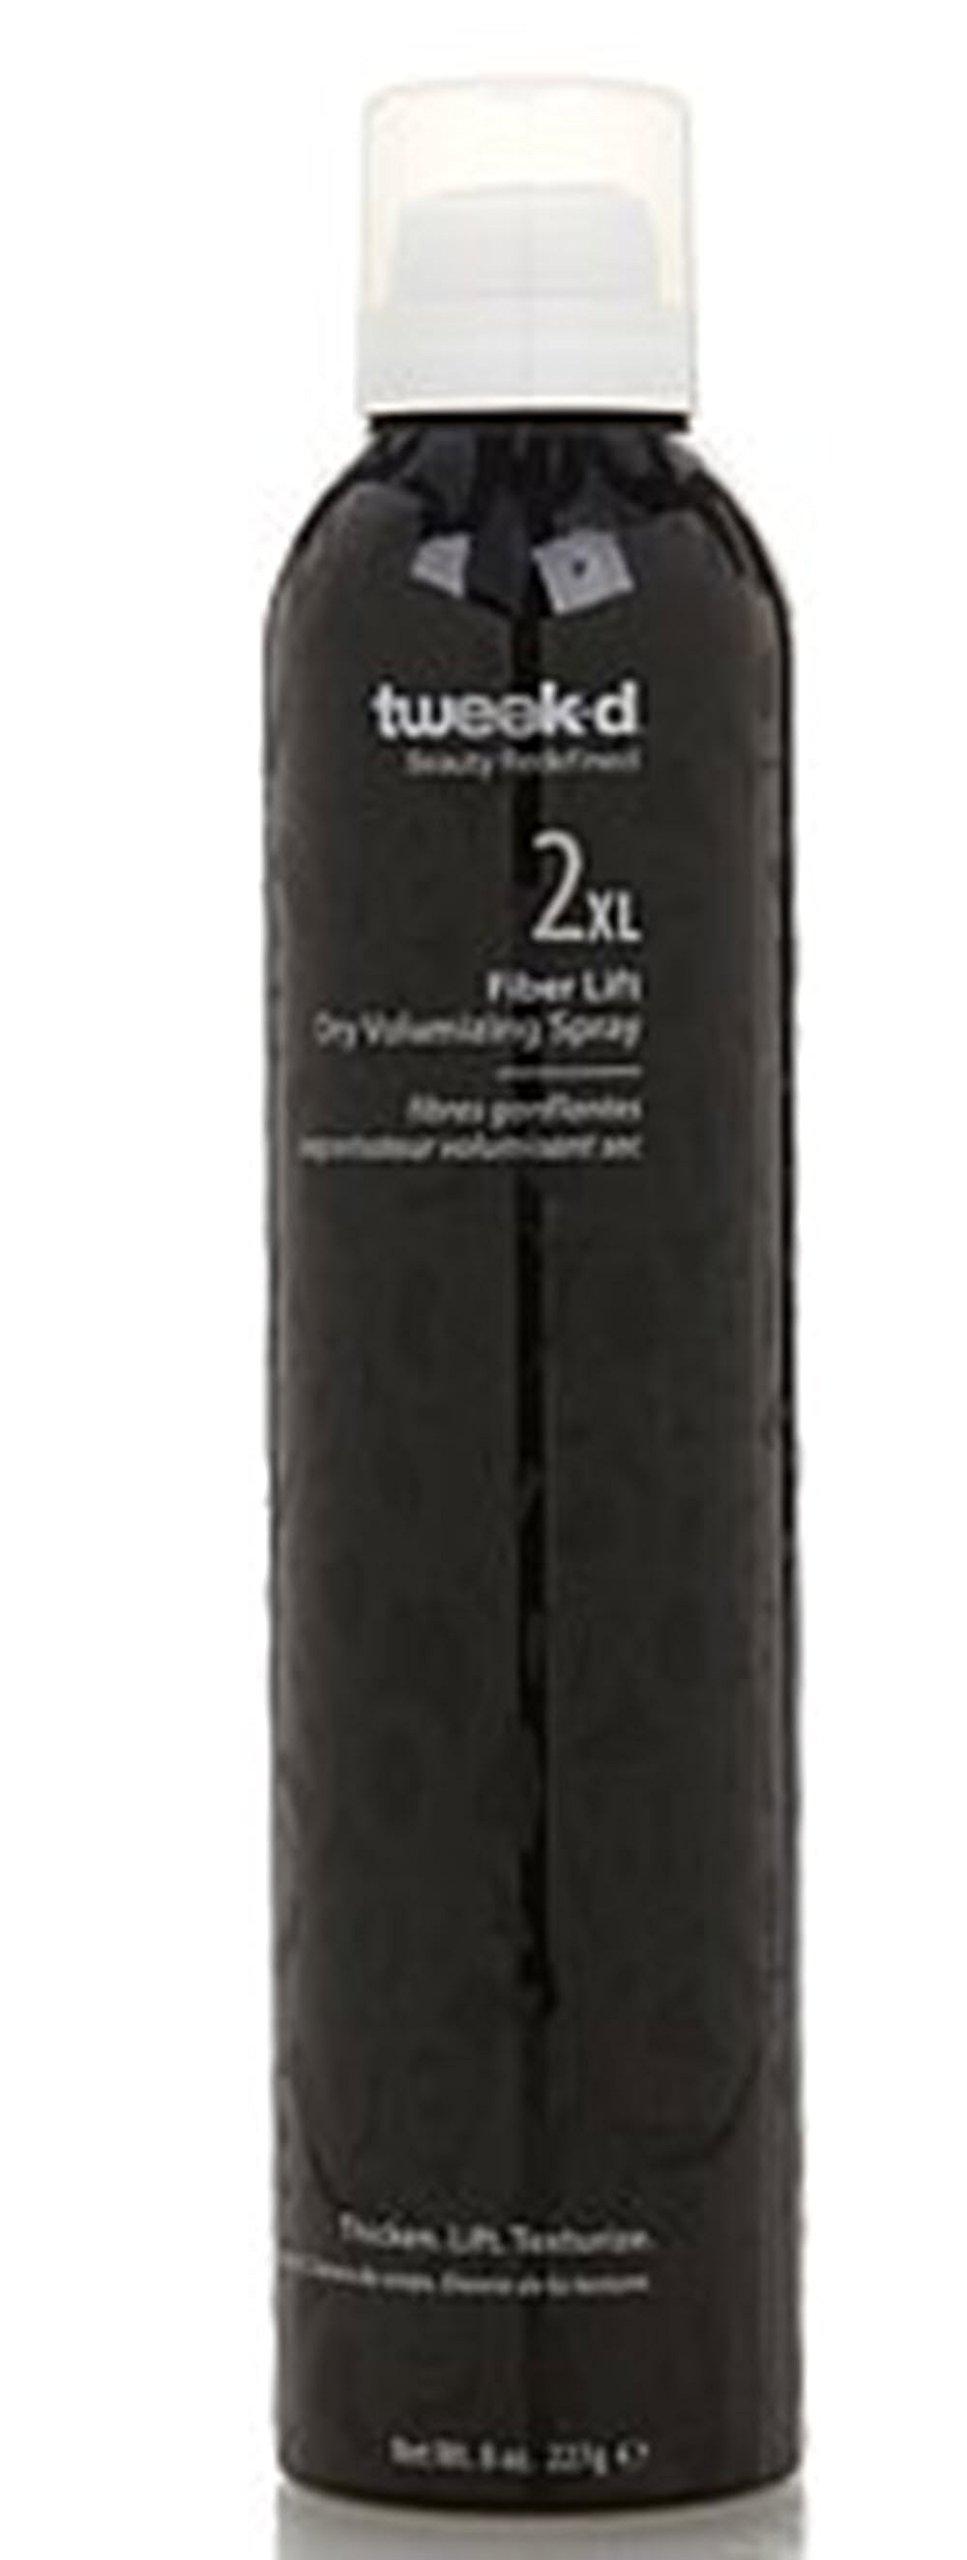 Tweak‑D 2Xl Fiber Lift Dry Volumizing Spray 8 oz by Tweak-d